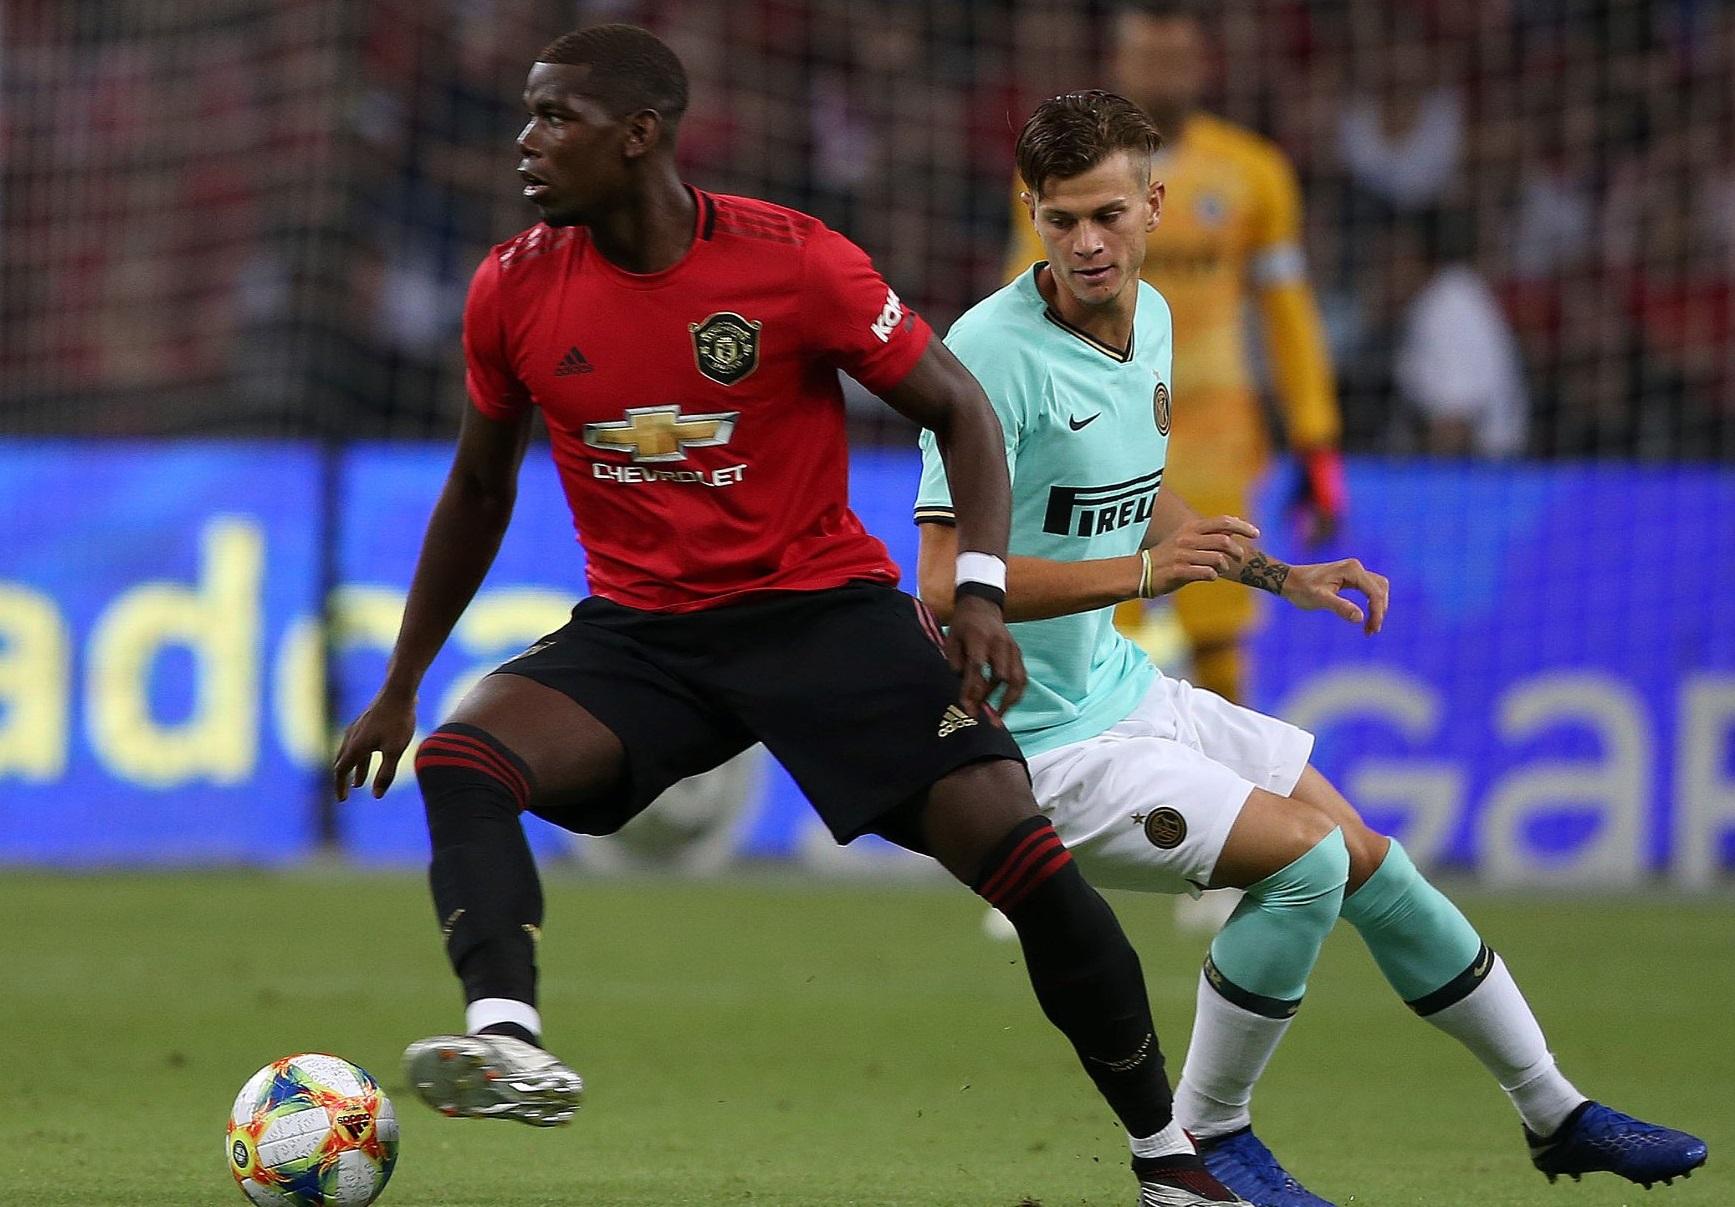 Đây! Sự hạn chế dễ thấy của Man Utd ở trận gặp Inter Milan - Bóng Đá